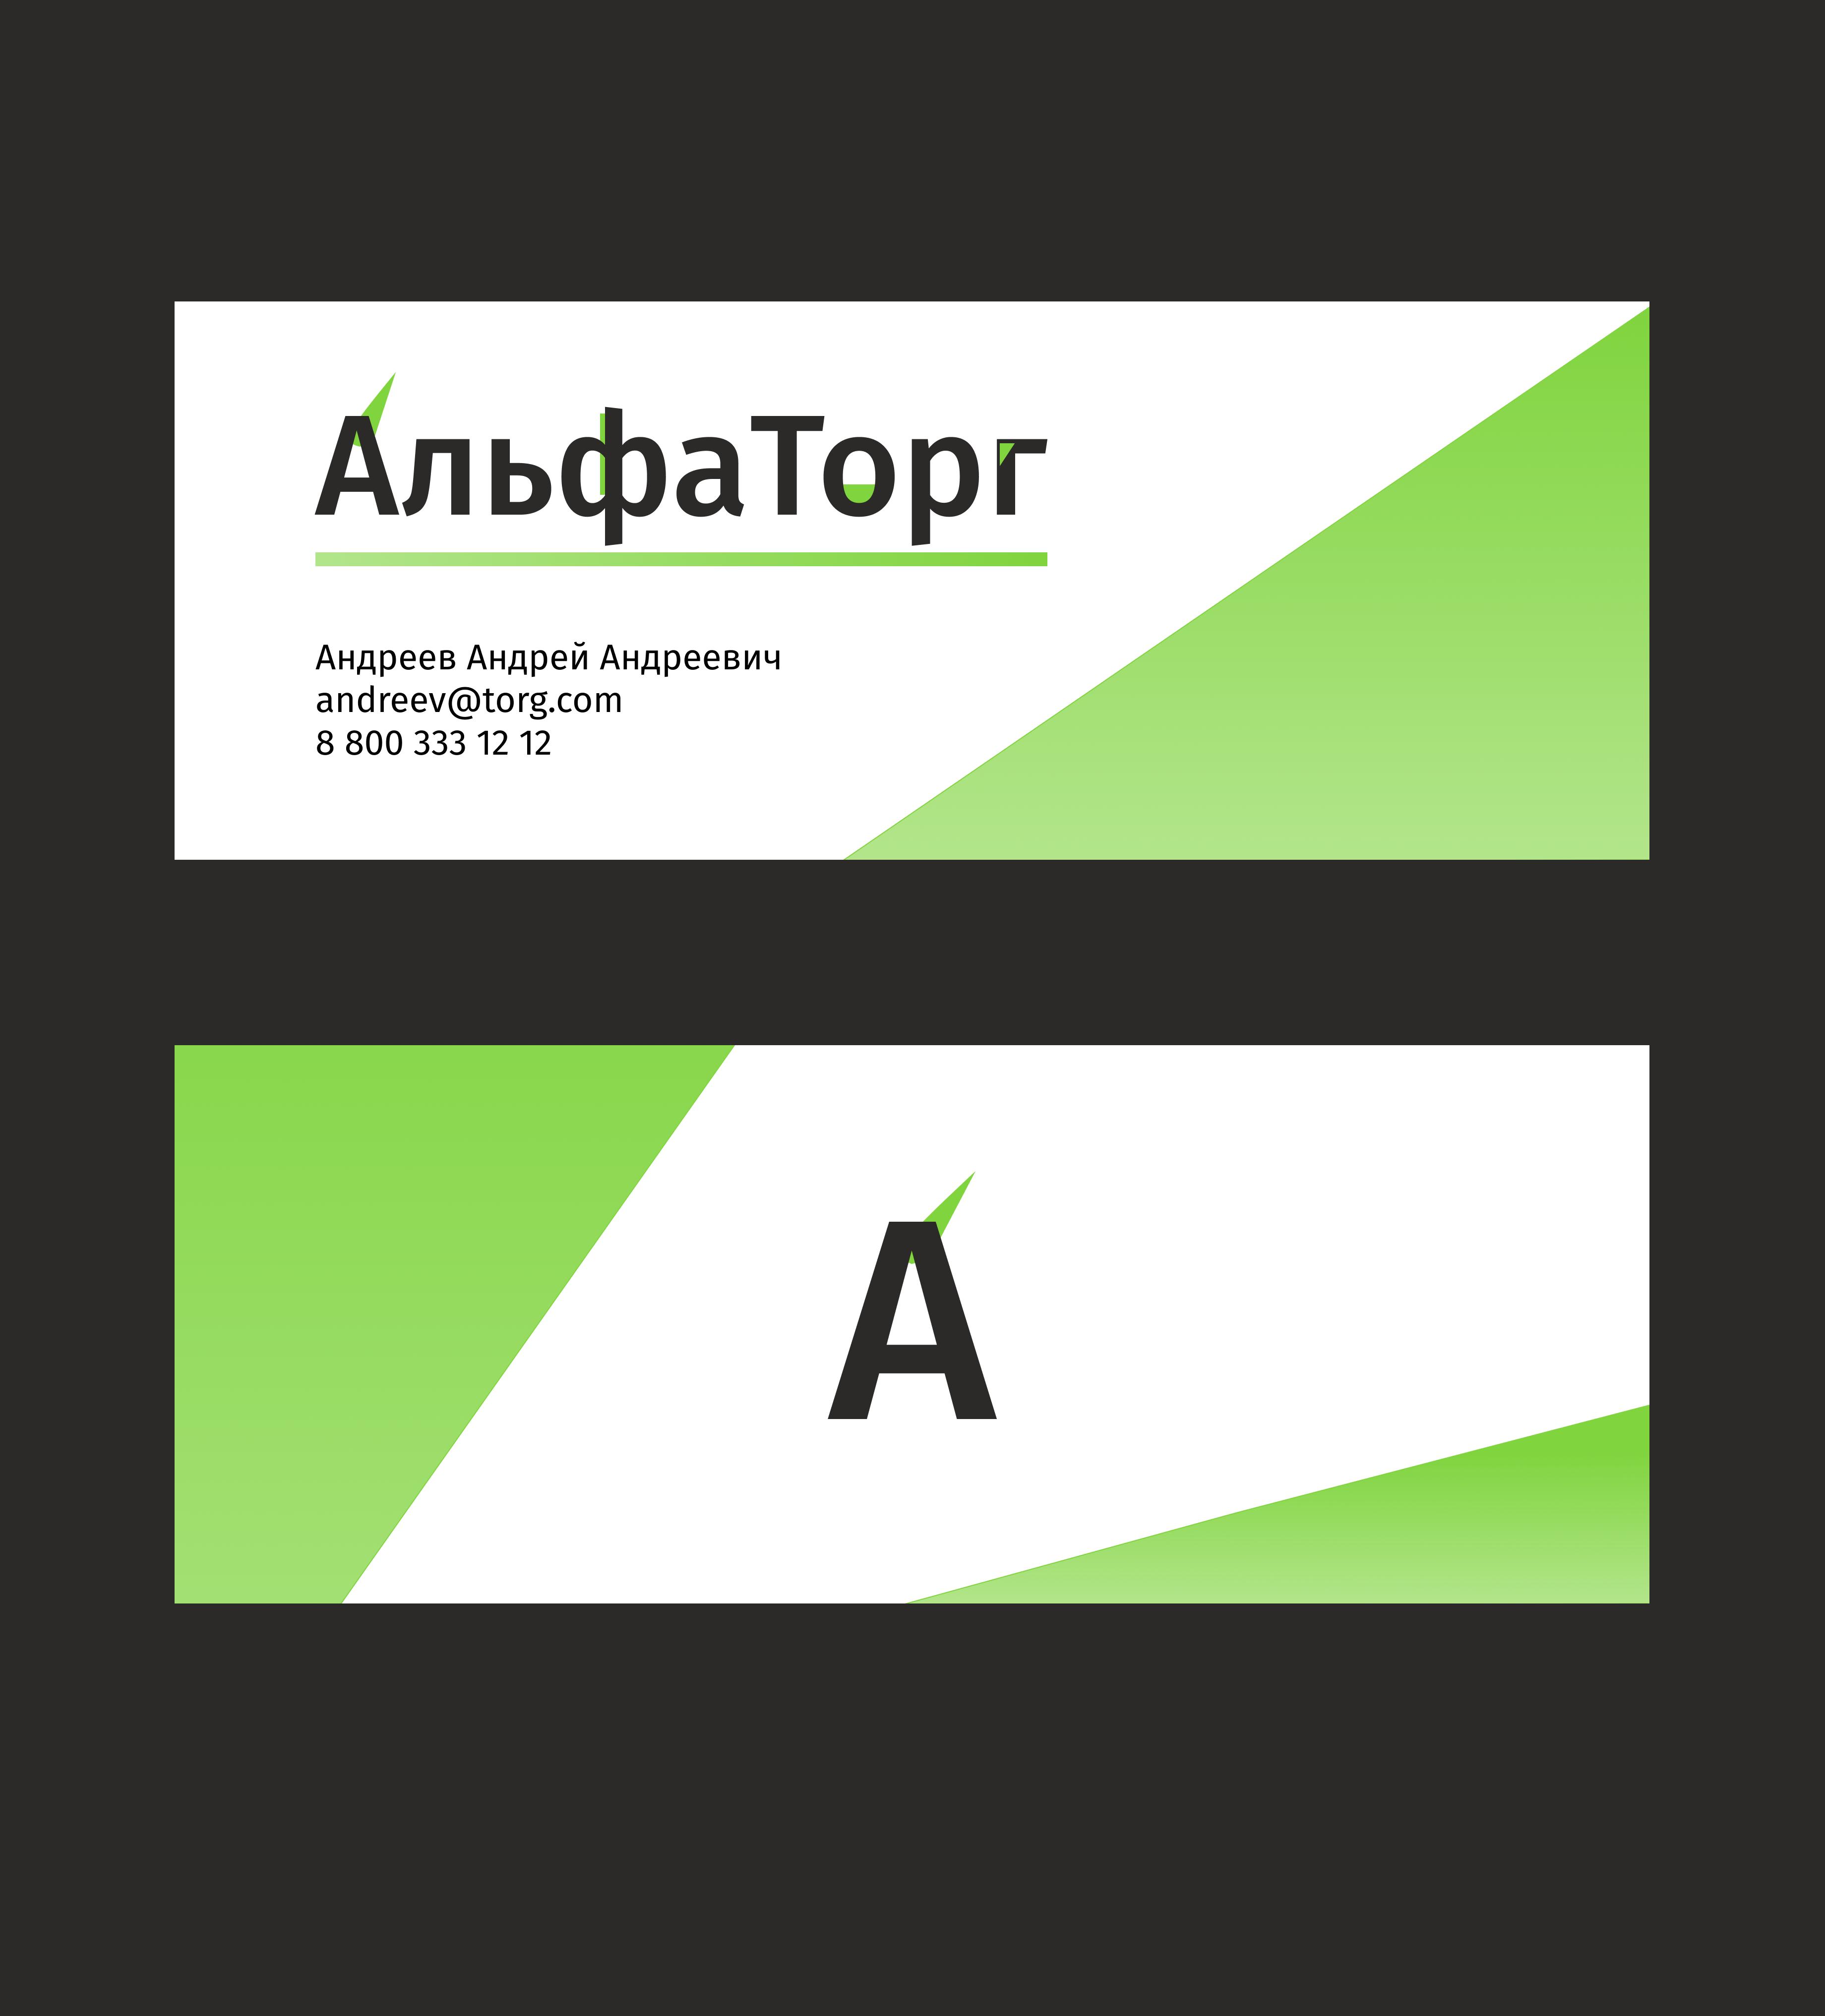 Логотип и фирменный стиль фото f_2215f044c0f54318.png